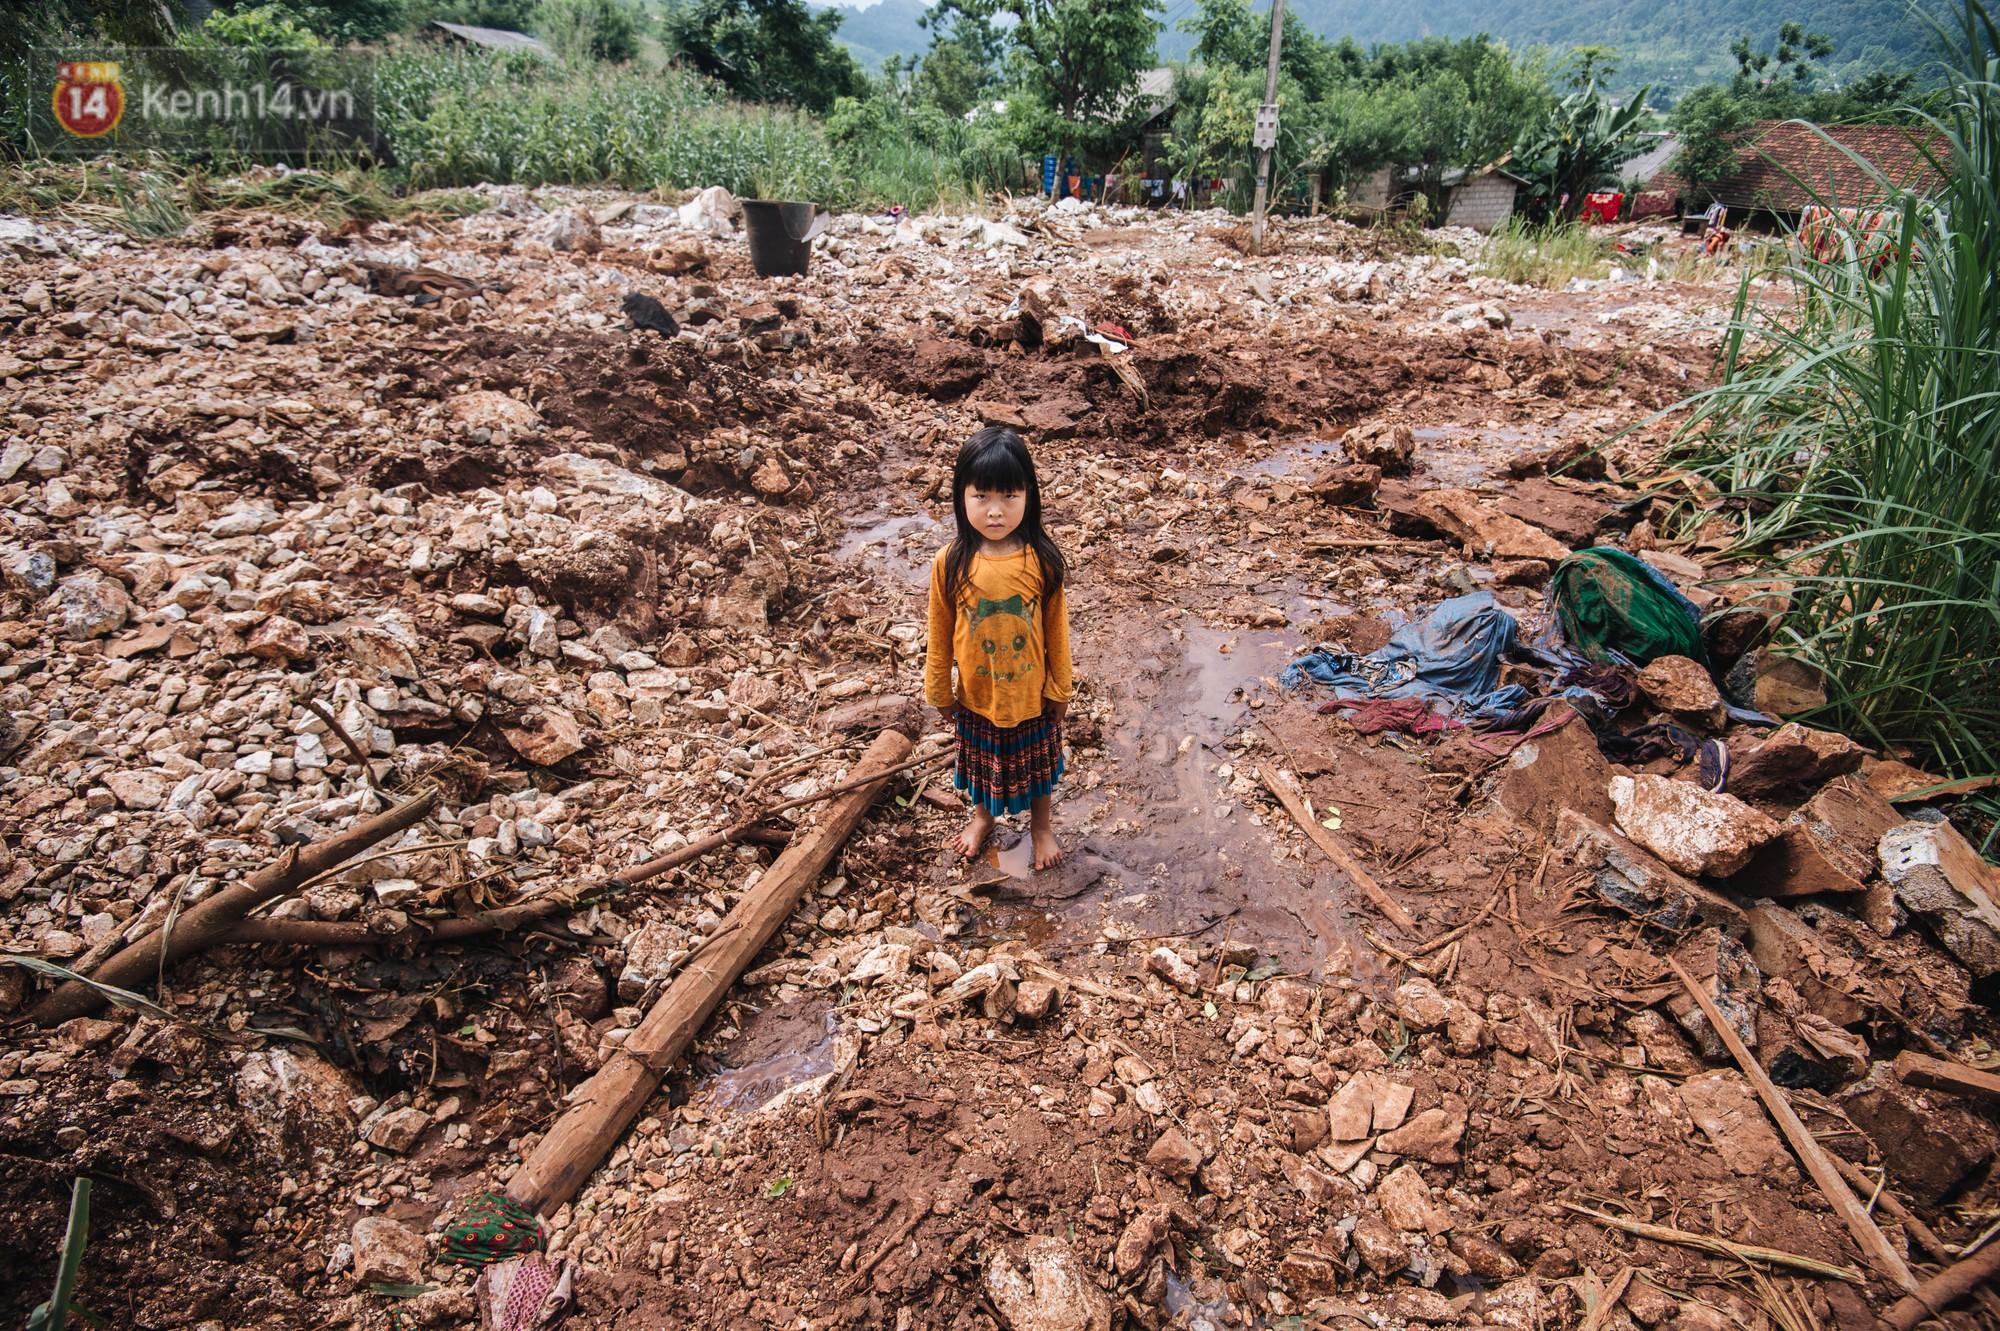 Trận lũ đau thương ở Hà Giang trong vòng 10 năm qua: Giờ đâu còn nhà nữa, mất hết, lũ cuốn trôi hết rồi... - Ảnh 4.